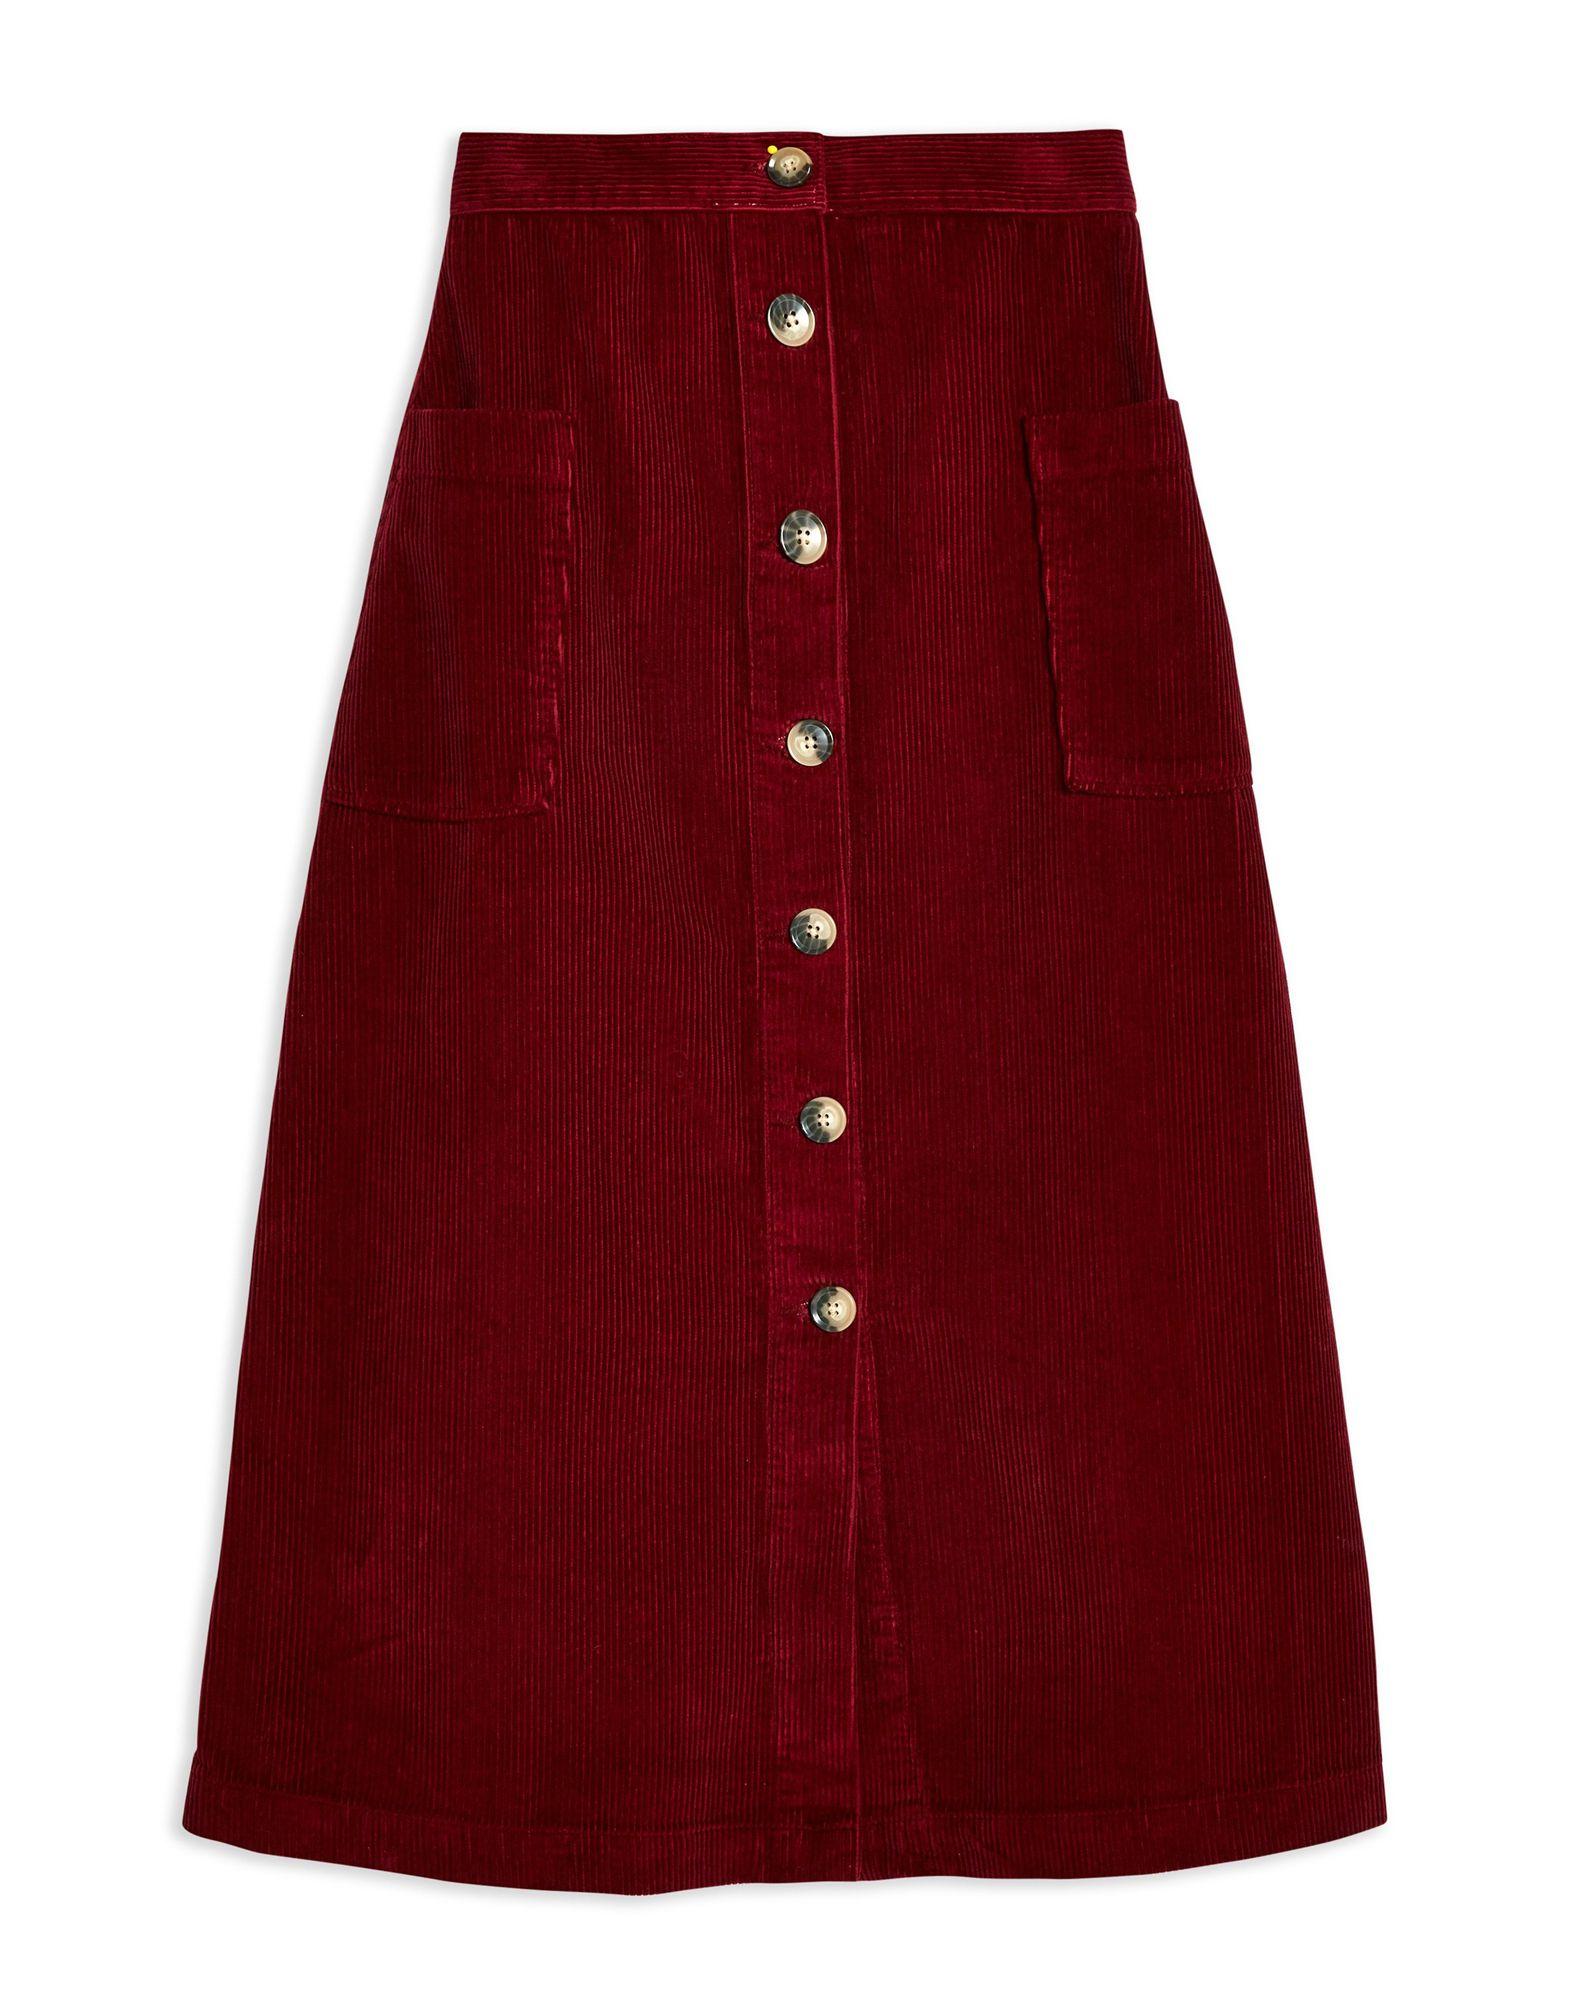 Gonna Longuette Topshop Corduroy Button Midi Skirt - donna donna donna - 35413047NS d7a